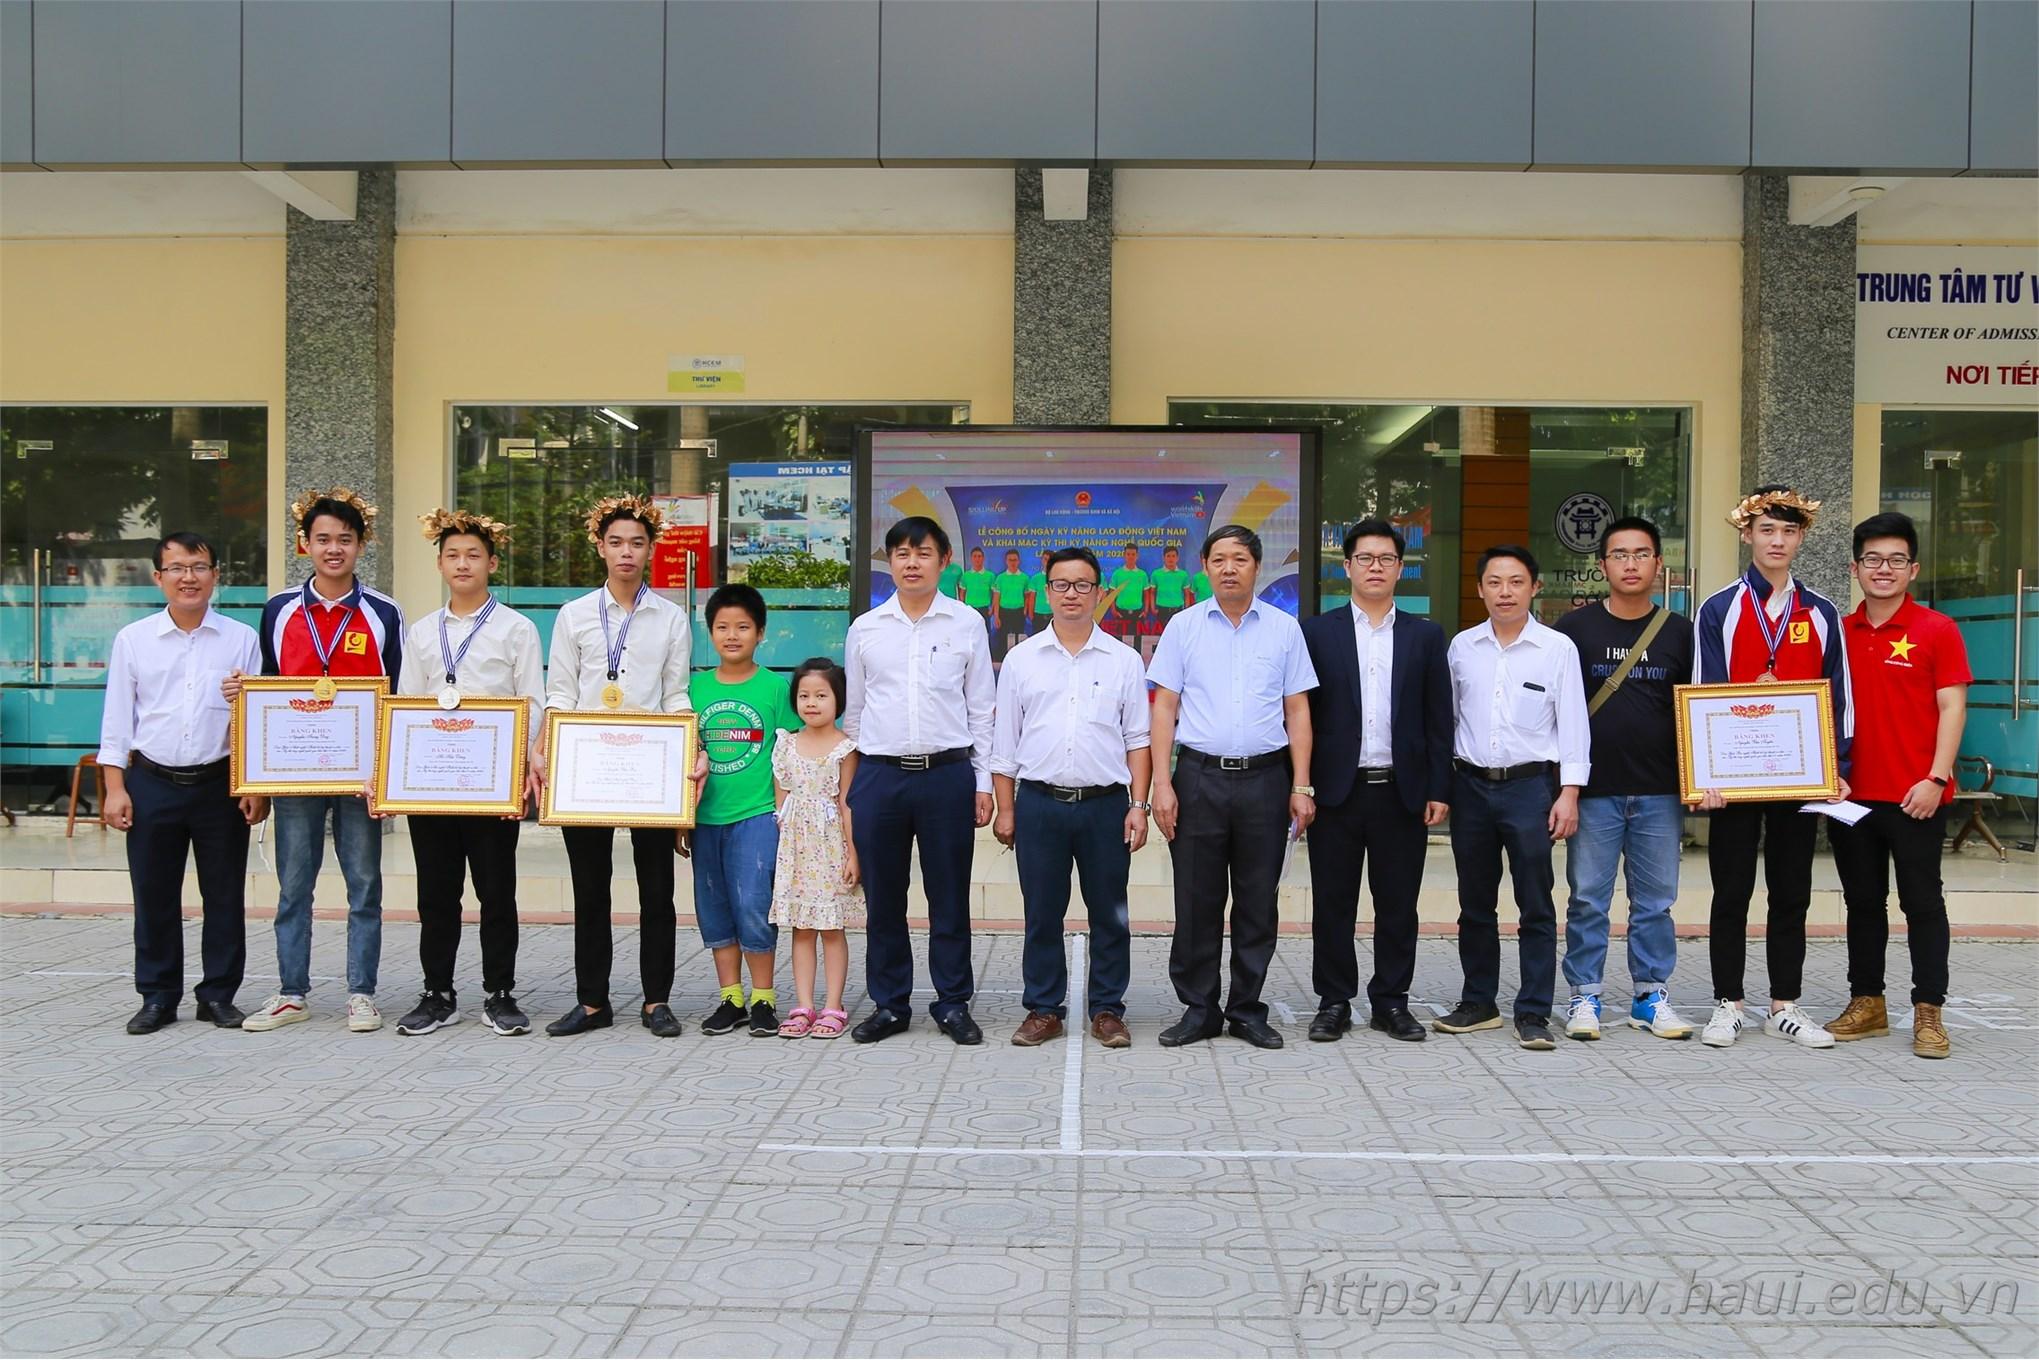 Đoàn thí sinh Đại học Công nghiệp Hà Nội đạt 4 huy chương vàng tại Kỳ thi Kỹ năng nghề Quốc gia năm 2020